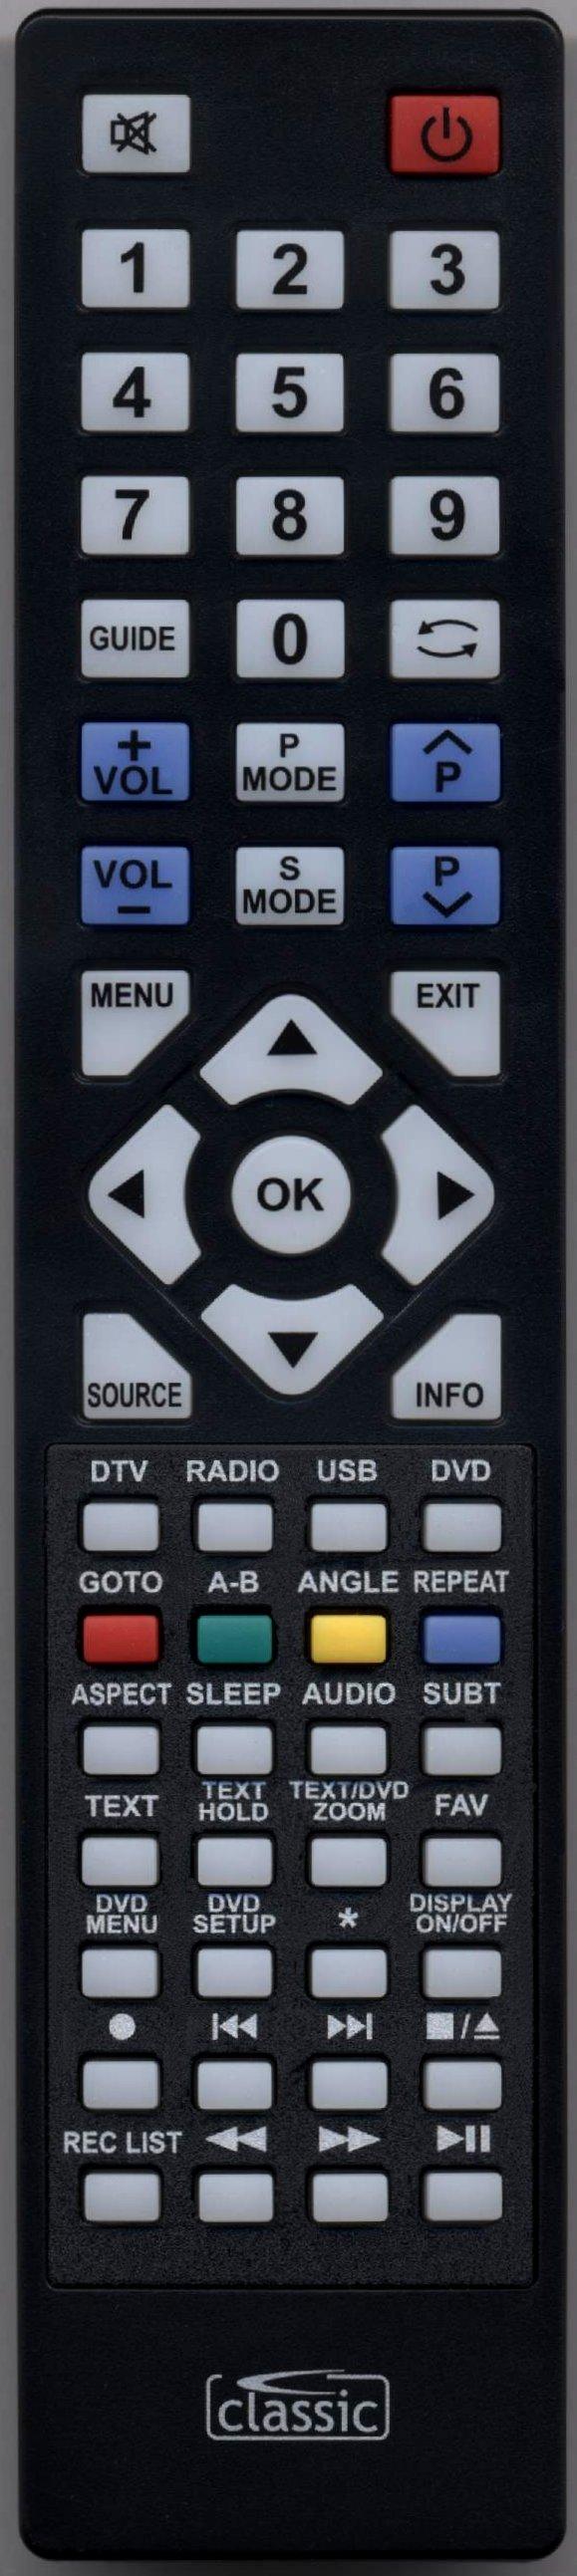 Blaupunkt 32148IGB5B2HKUP Remote Control